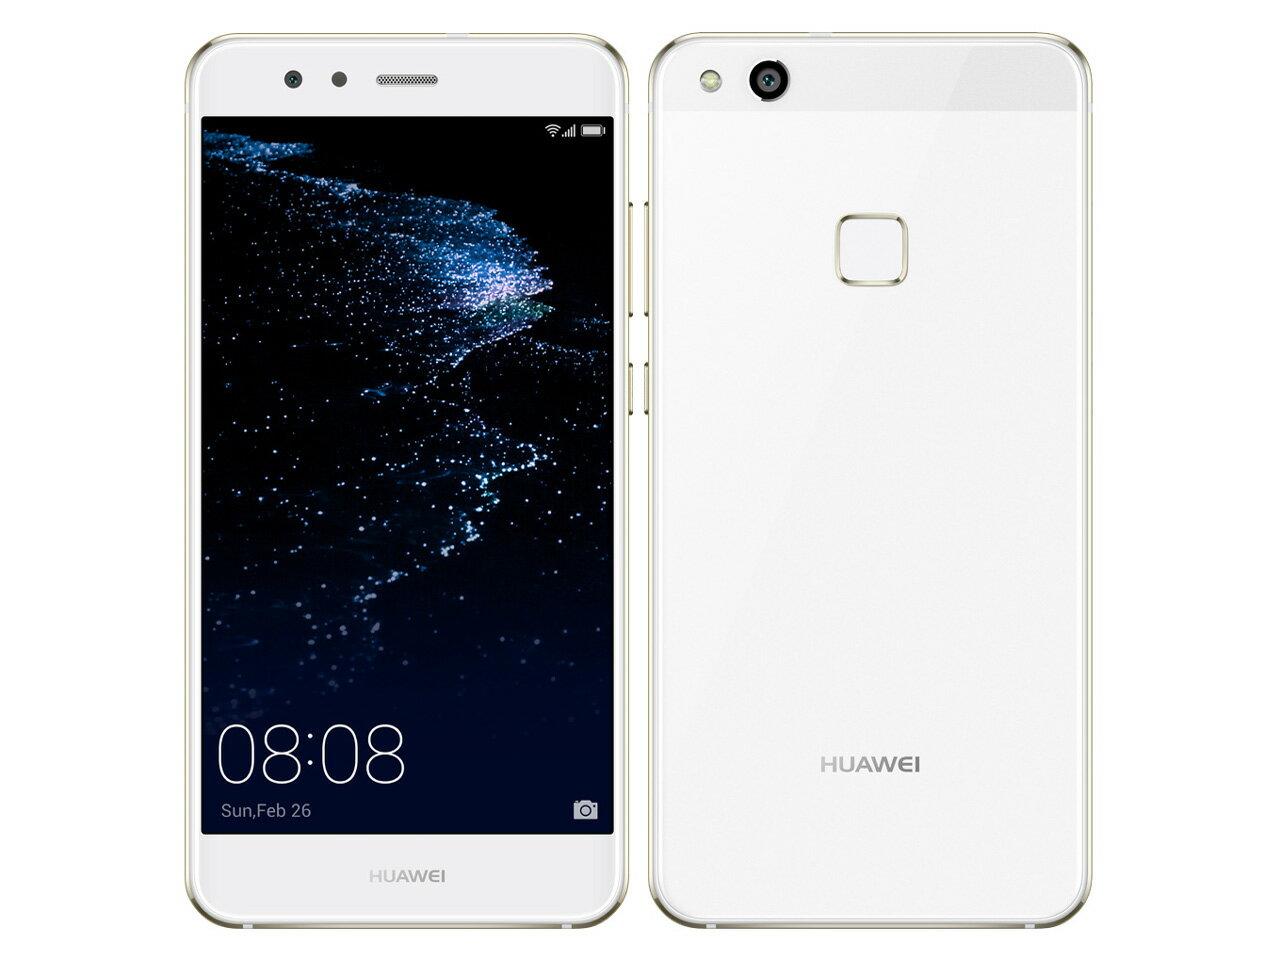 クアッドコア(2.1+1.7GHz) / 3GB / 32GB / Android7.0 / 商品ランク:A 動作ランク:A 【無償保証1...